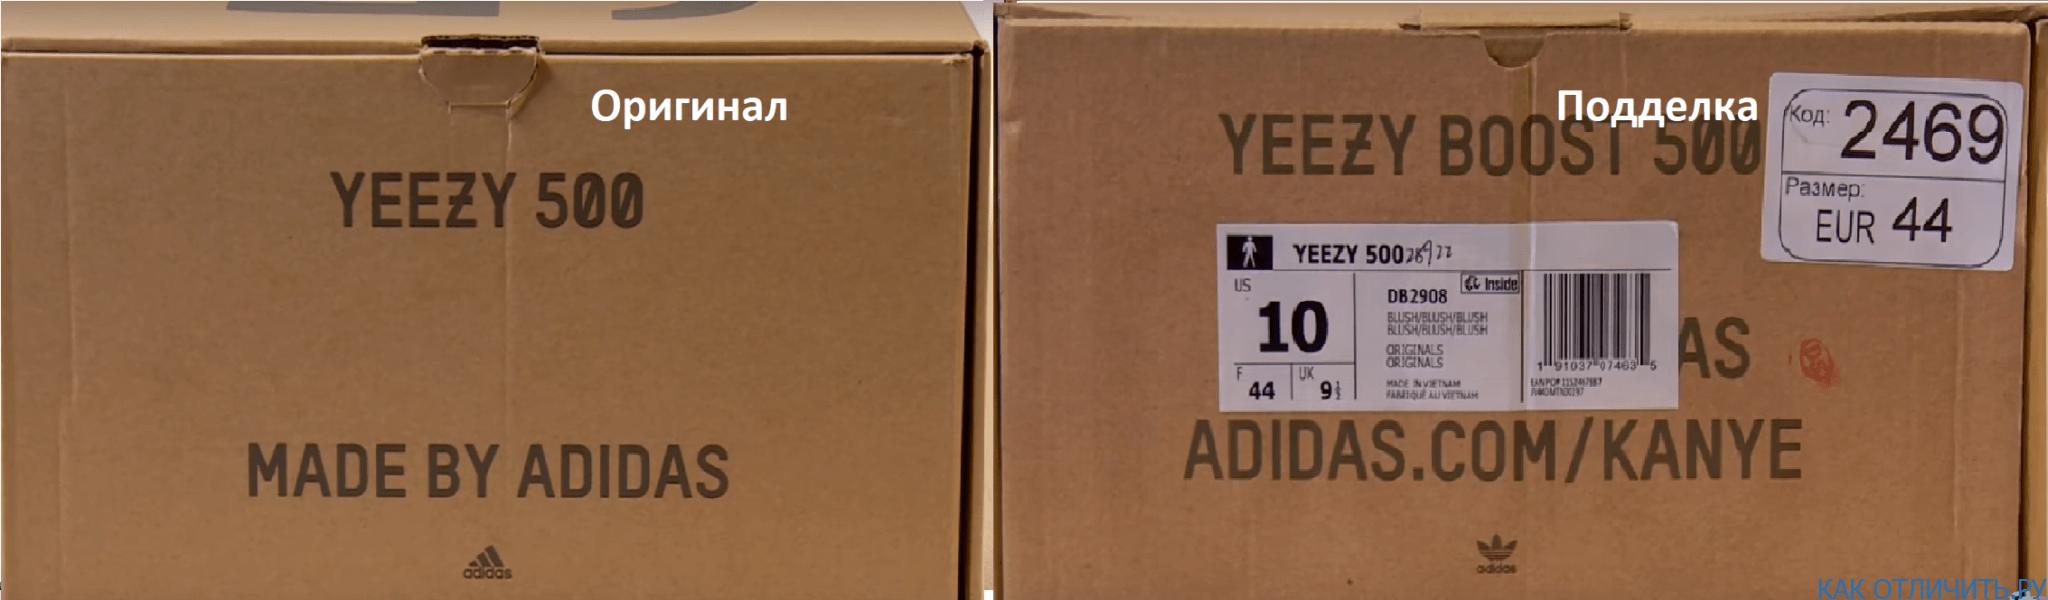 Коробка Adidas